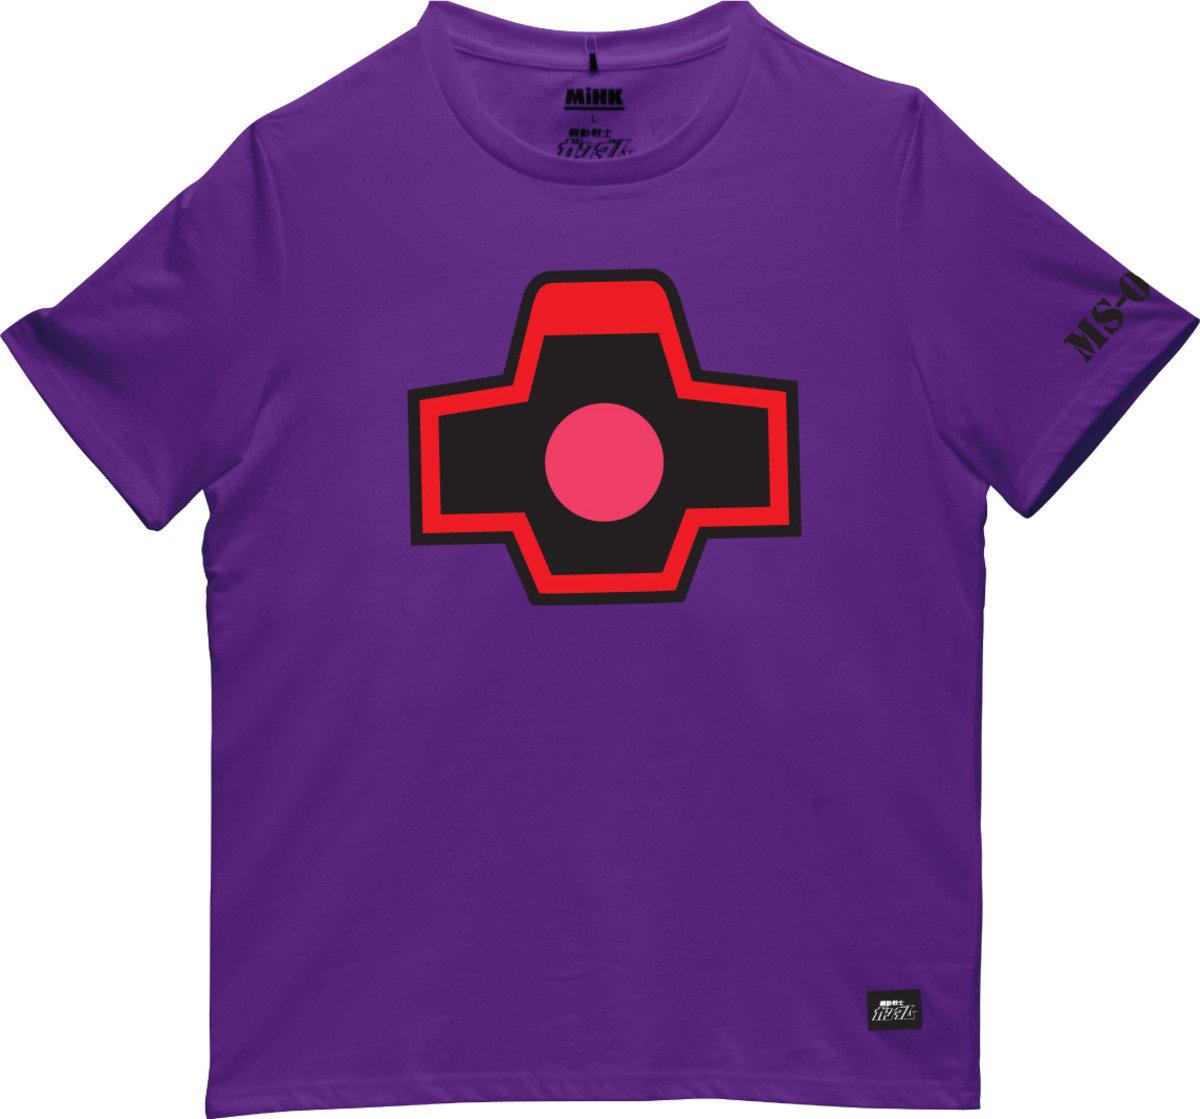 機動戰士(高達)紫色圓領短袖T恤-16